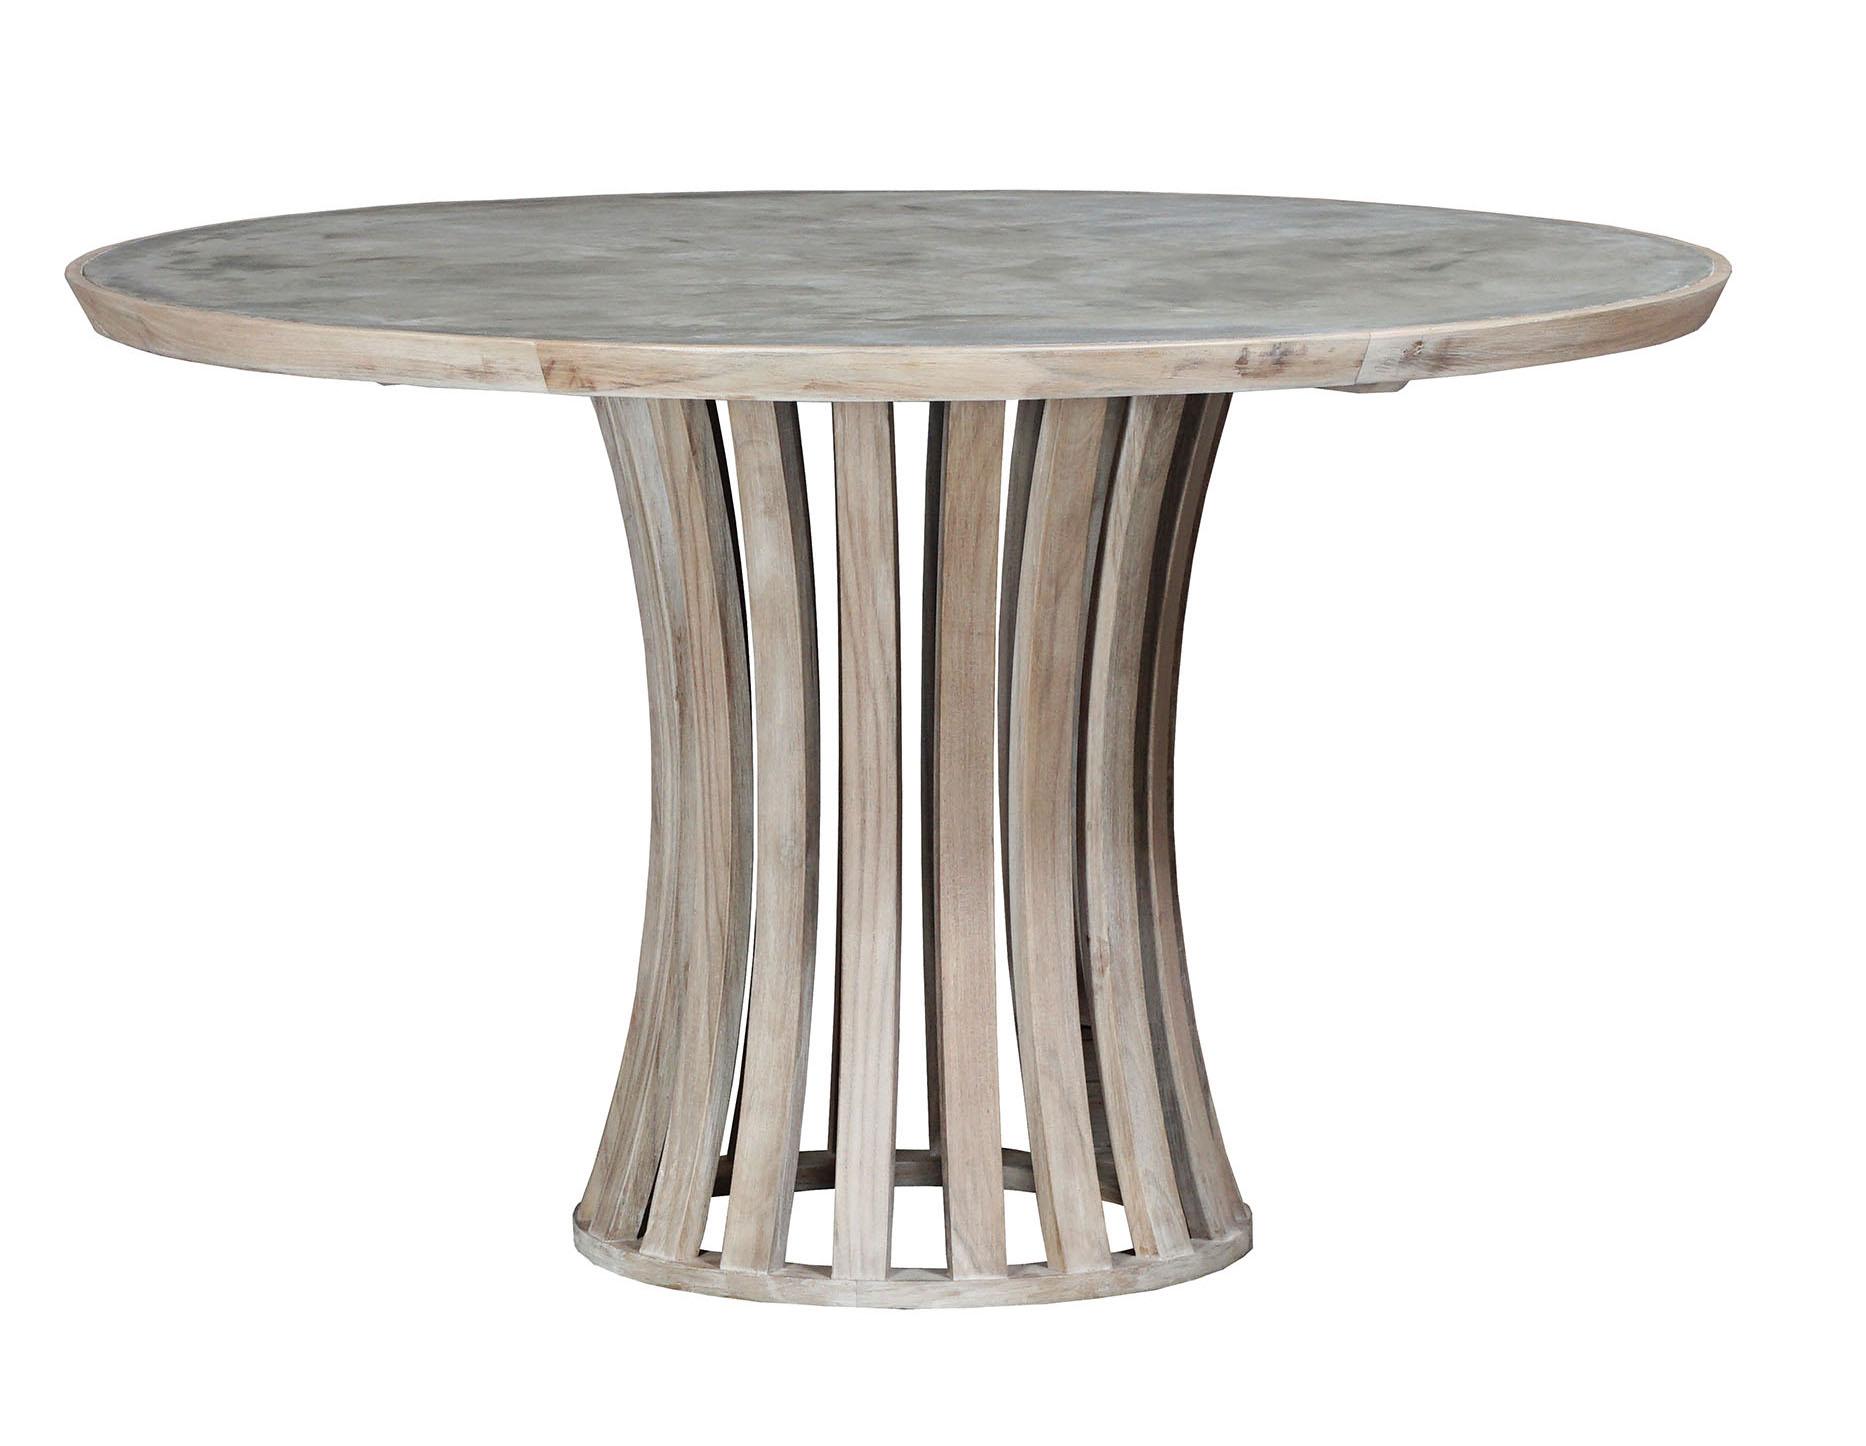 ELK Home Bridgestone breakfast table